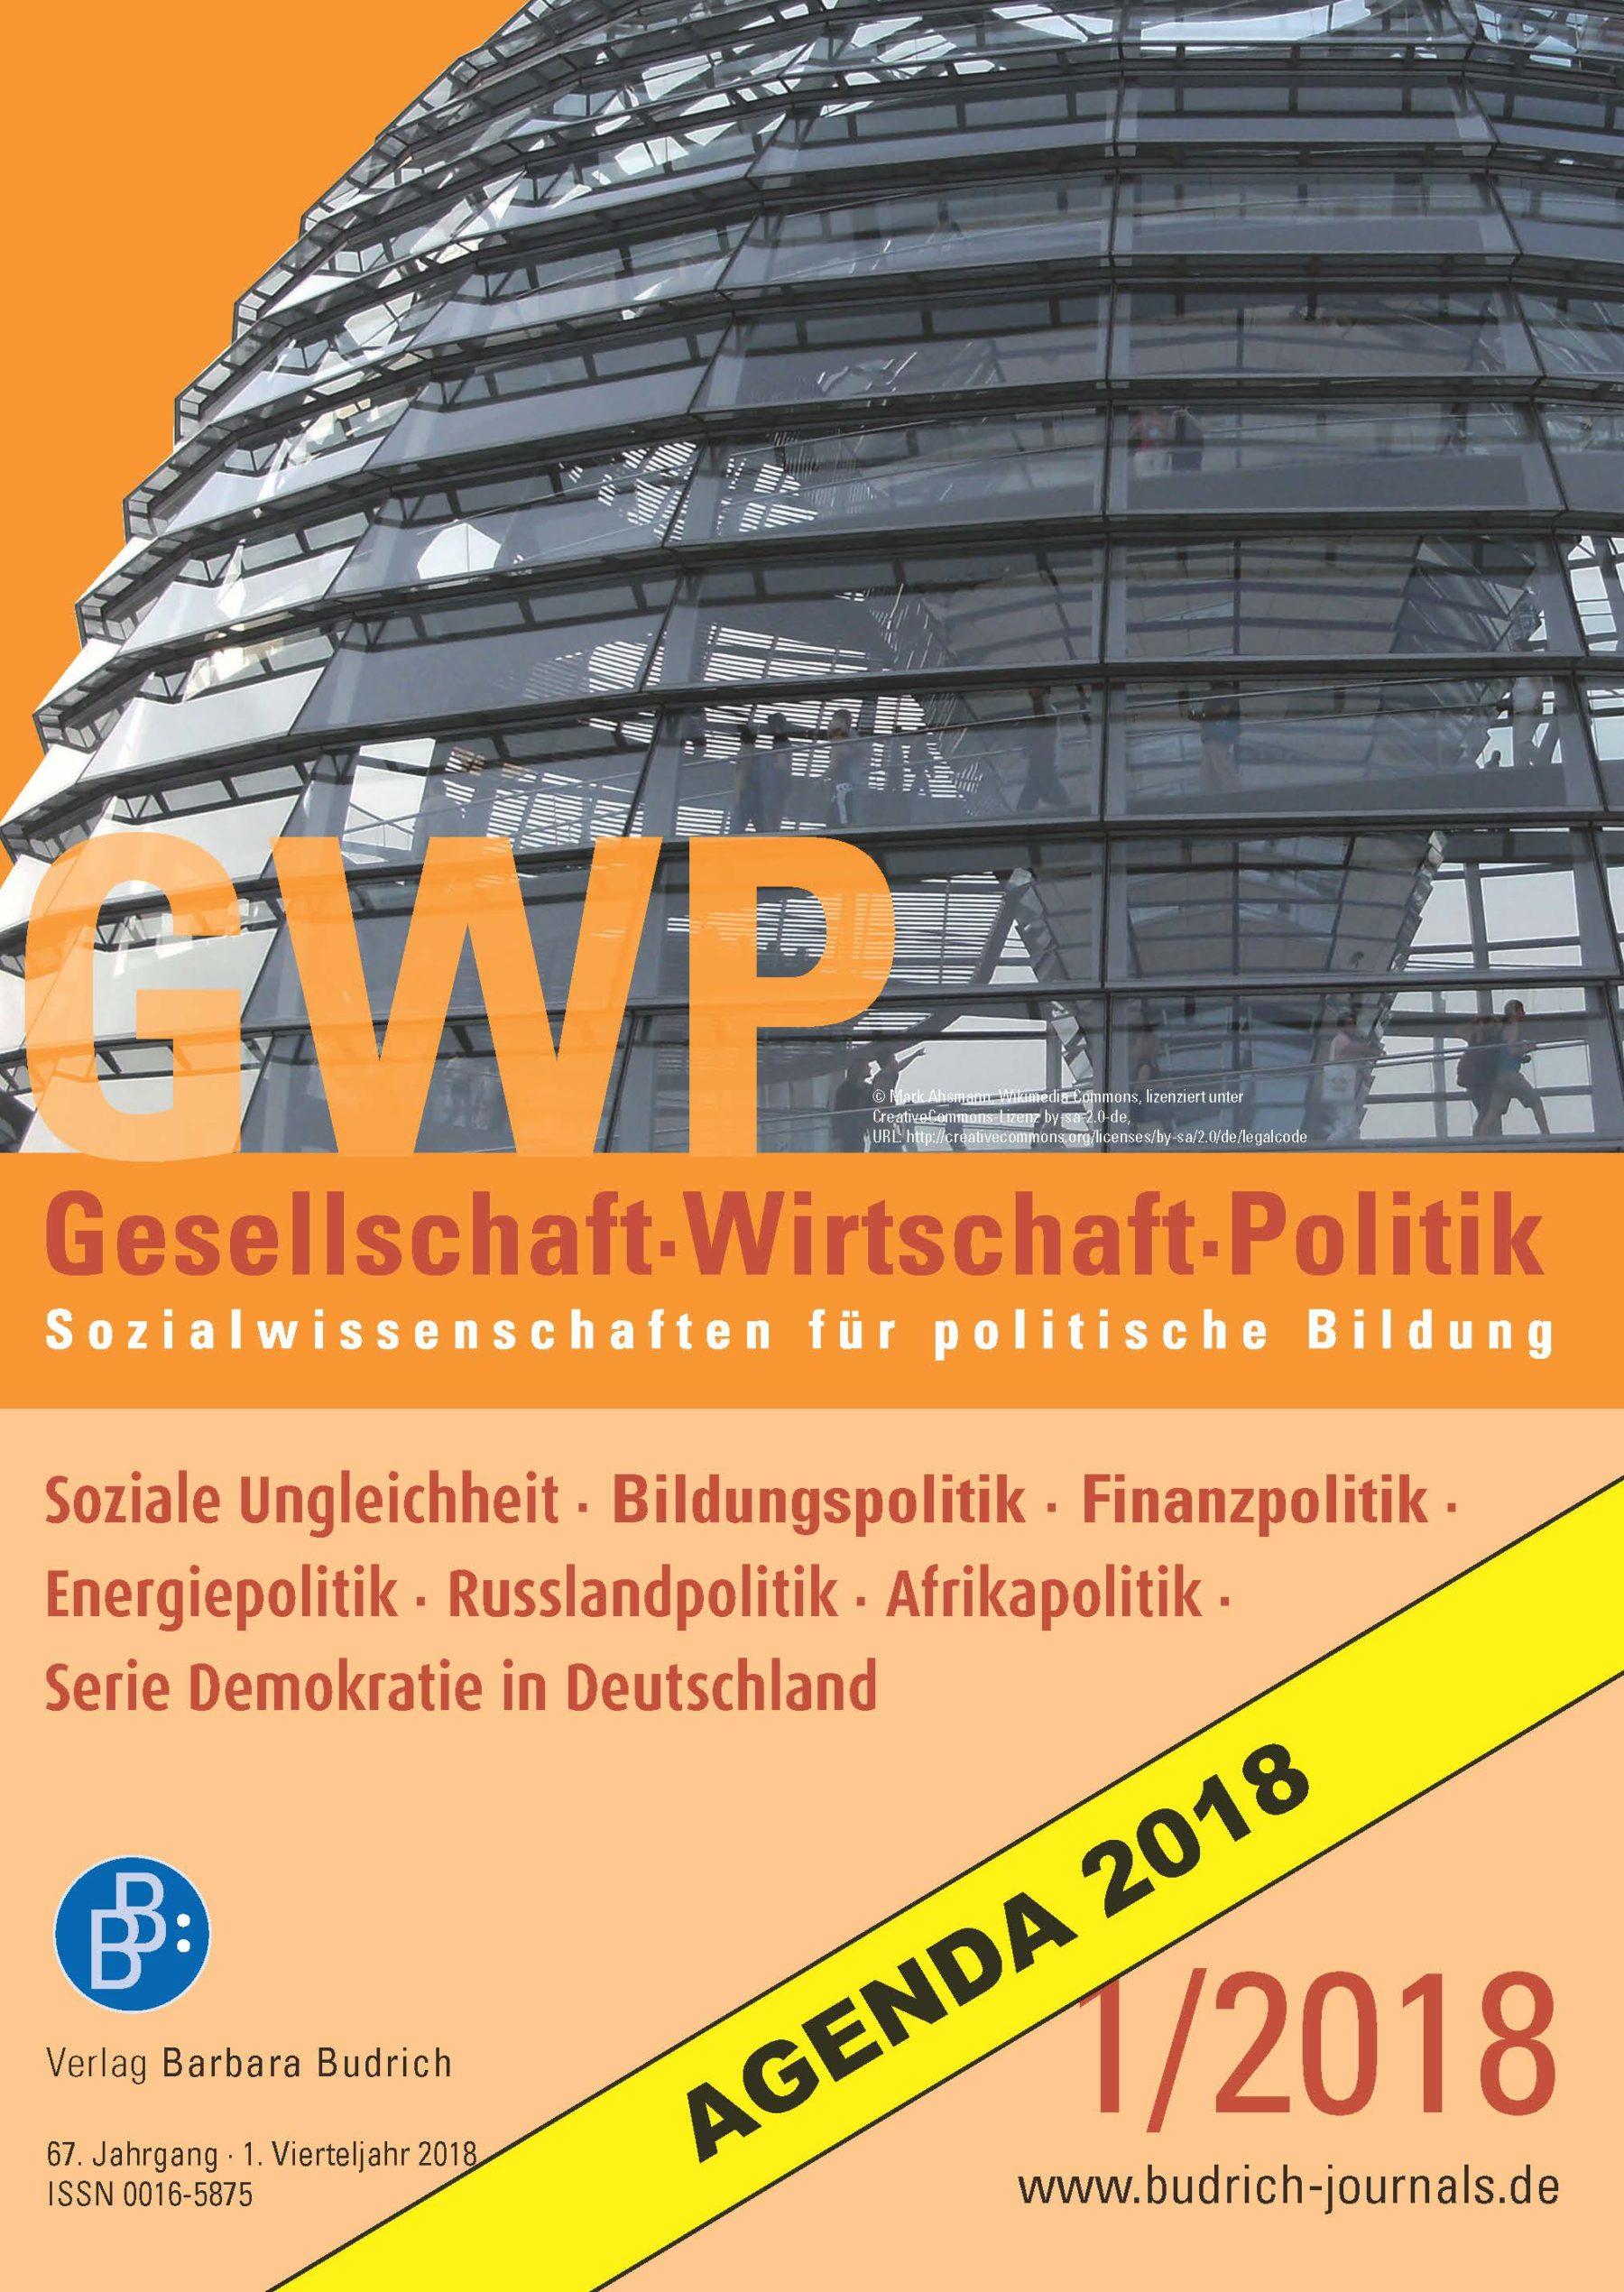 GWP – Gesellschaft. Wirtschaft. Politik 1-2018